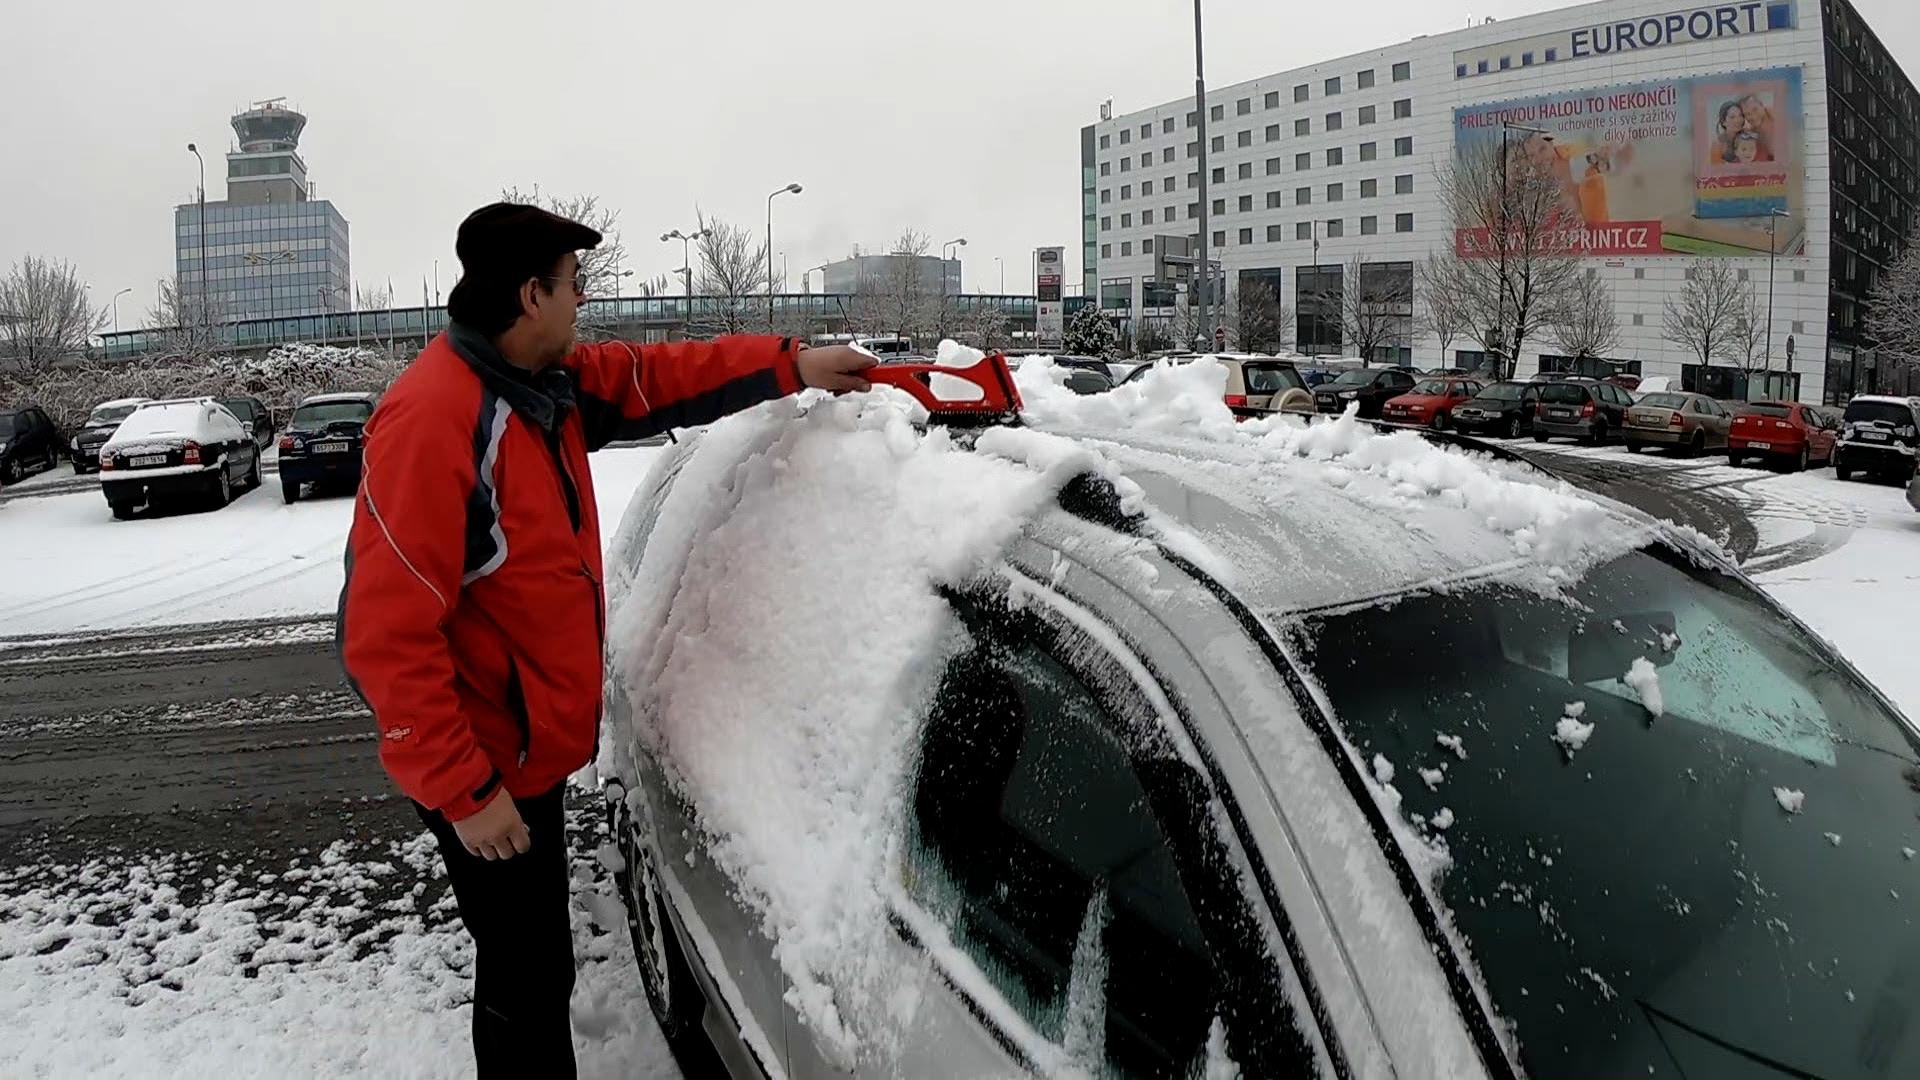 Zima se nevzdá, říká předpověď. Příští týden bude jen kolem nuly